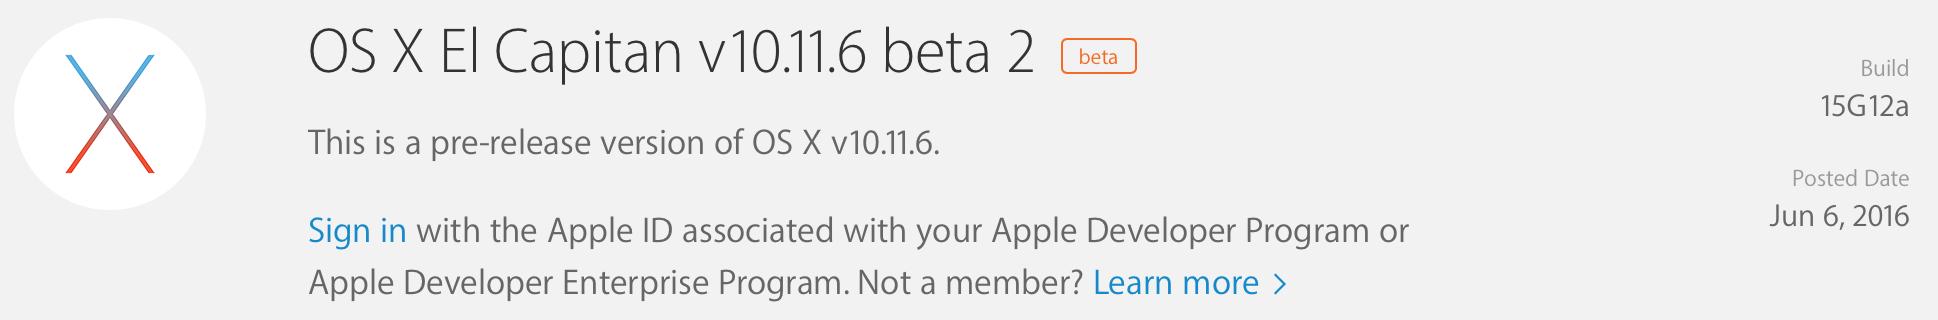 OS X Beta-Release-bildschirmfoto-2016-06-06-um-19.29.45.png